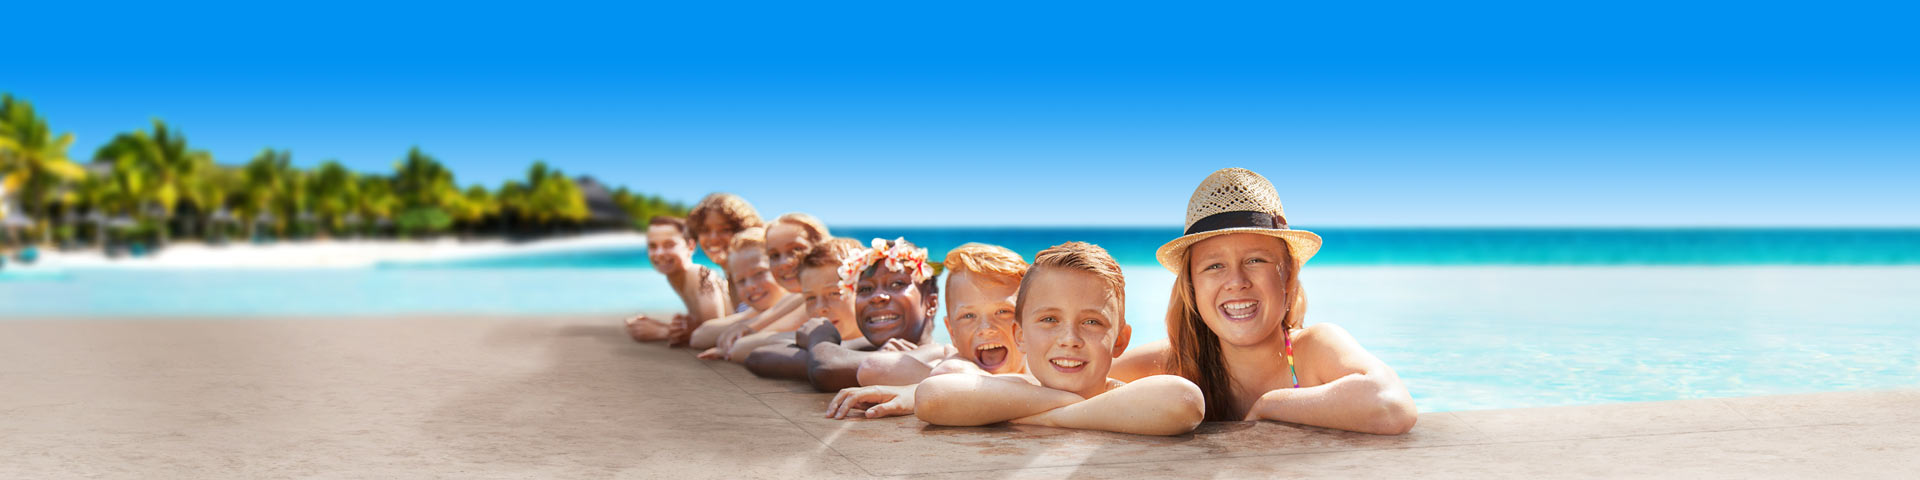 Kinderen aan rand van zwembad blauwe zee tijdens hun vakantie